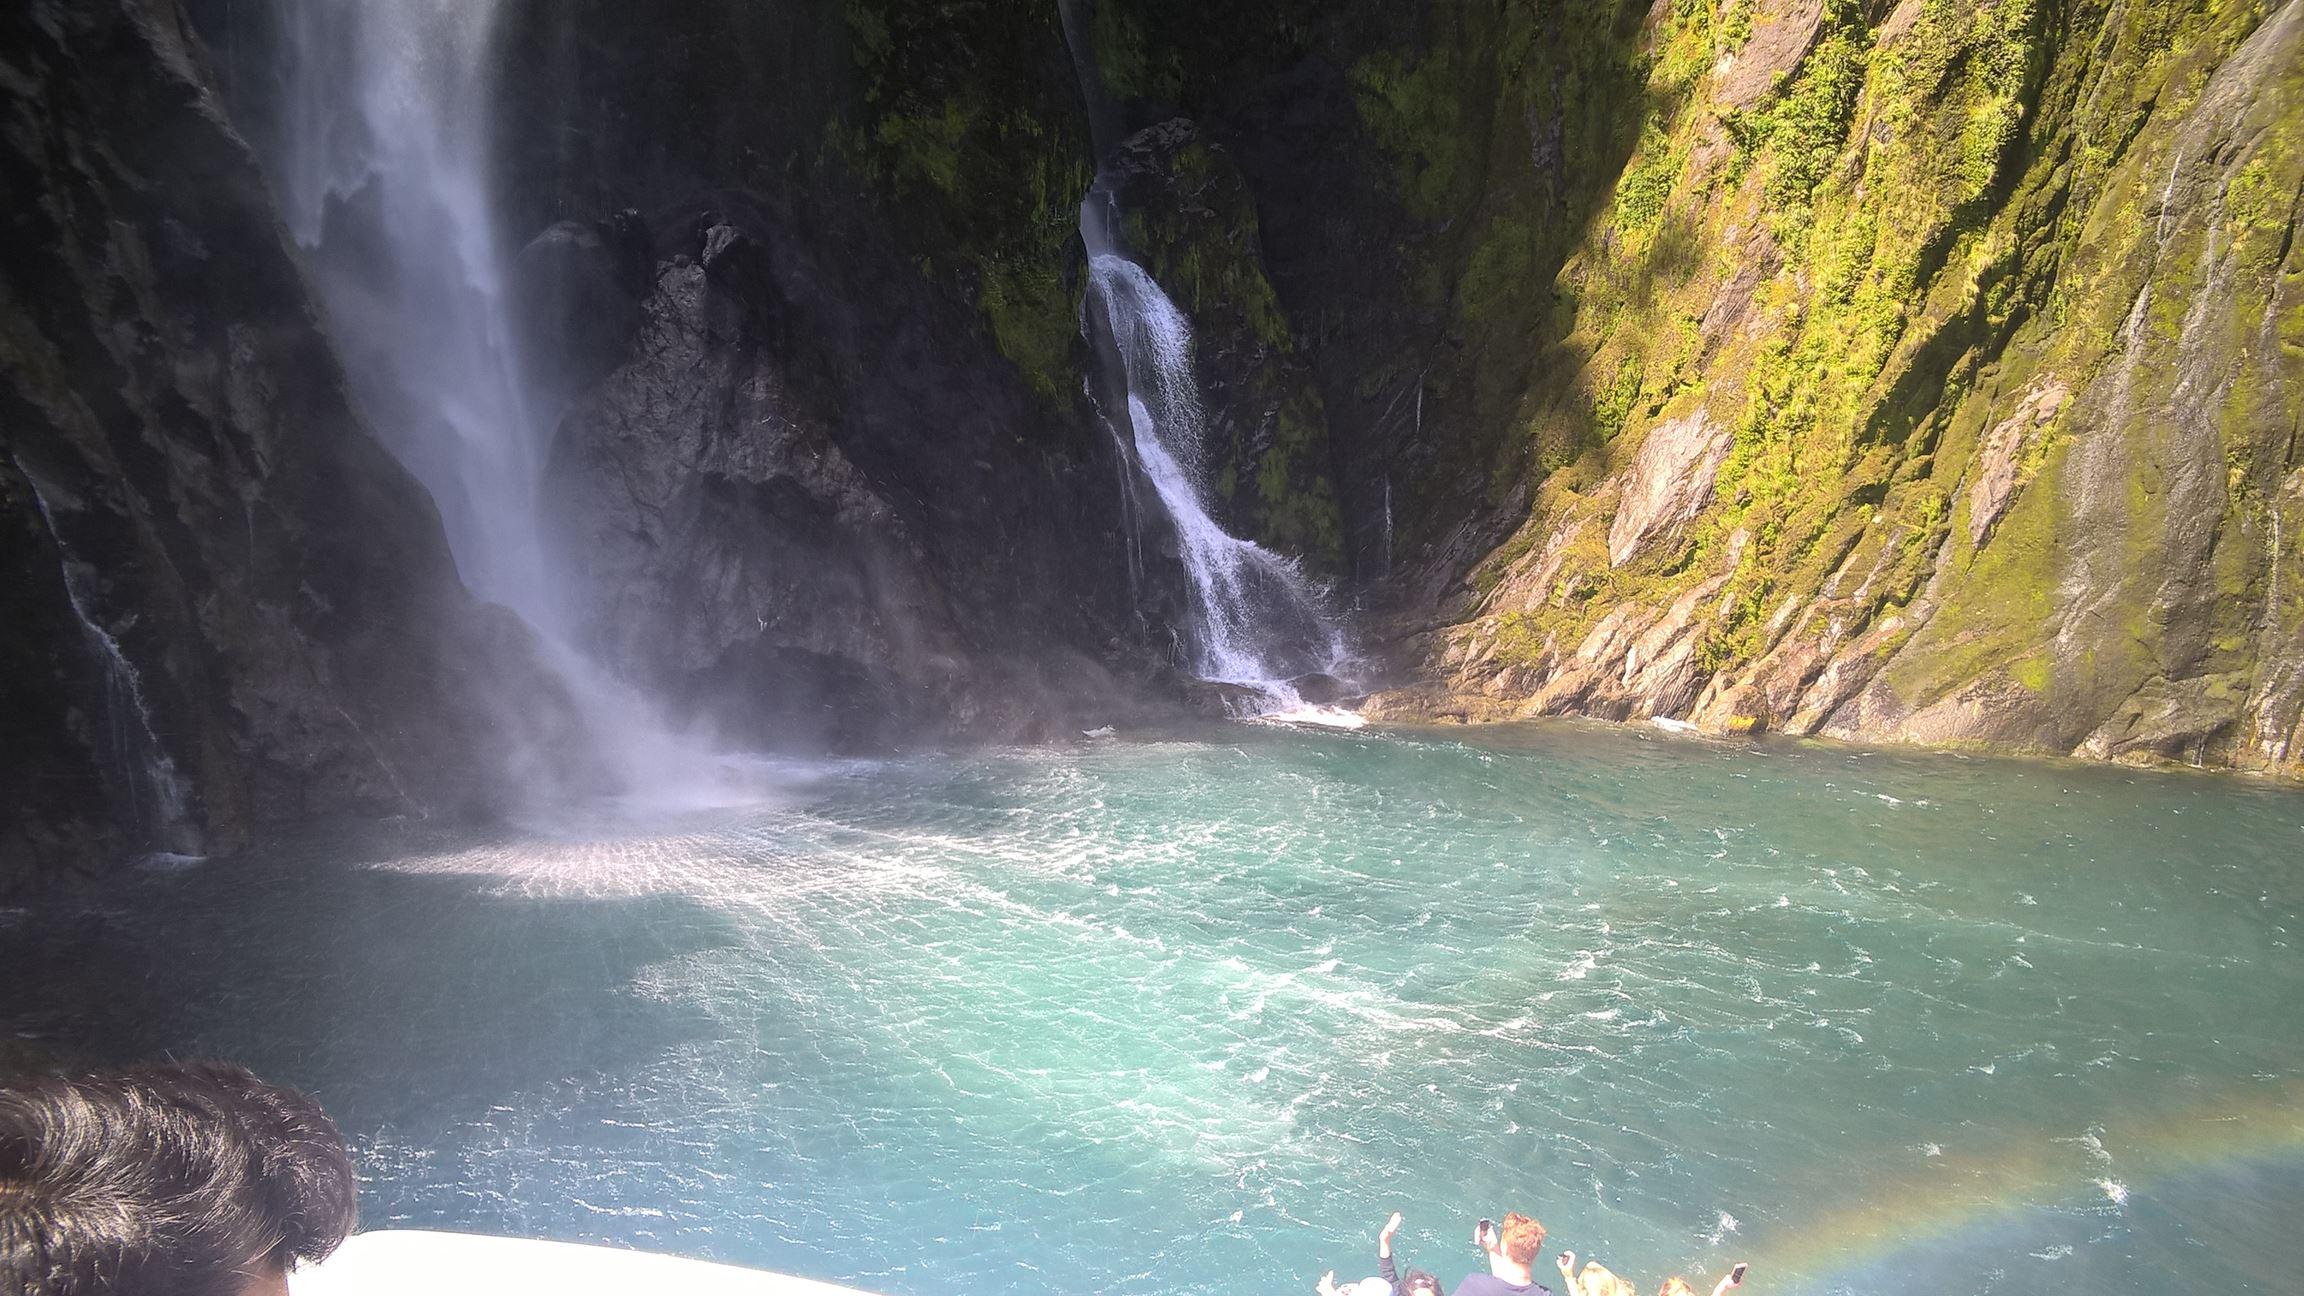 ... diesen Wasserfall gemacht, wobei...